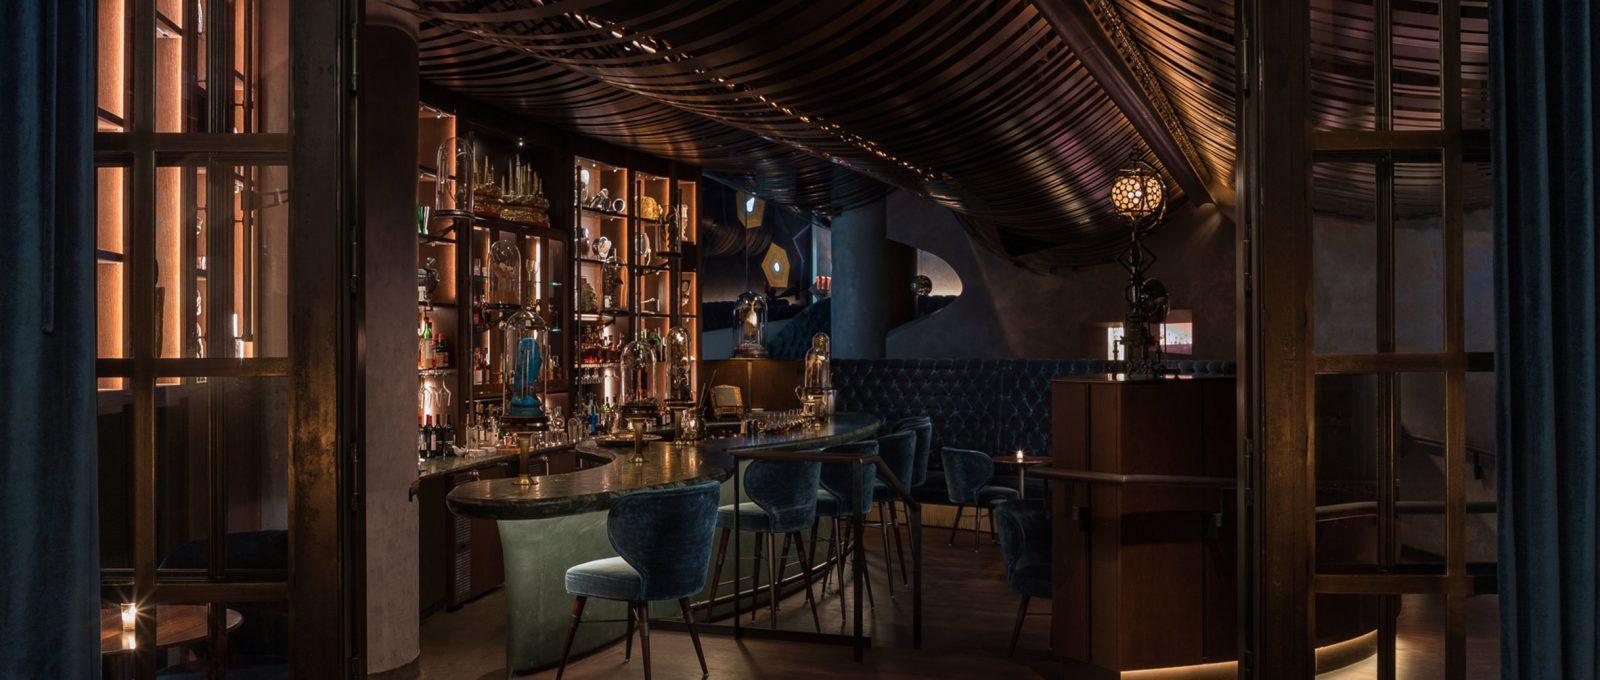 Il Deep Dive, il bar nel cuore di Seattle che sembra uno speakeasy